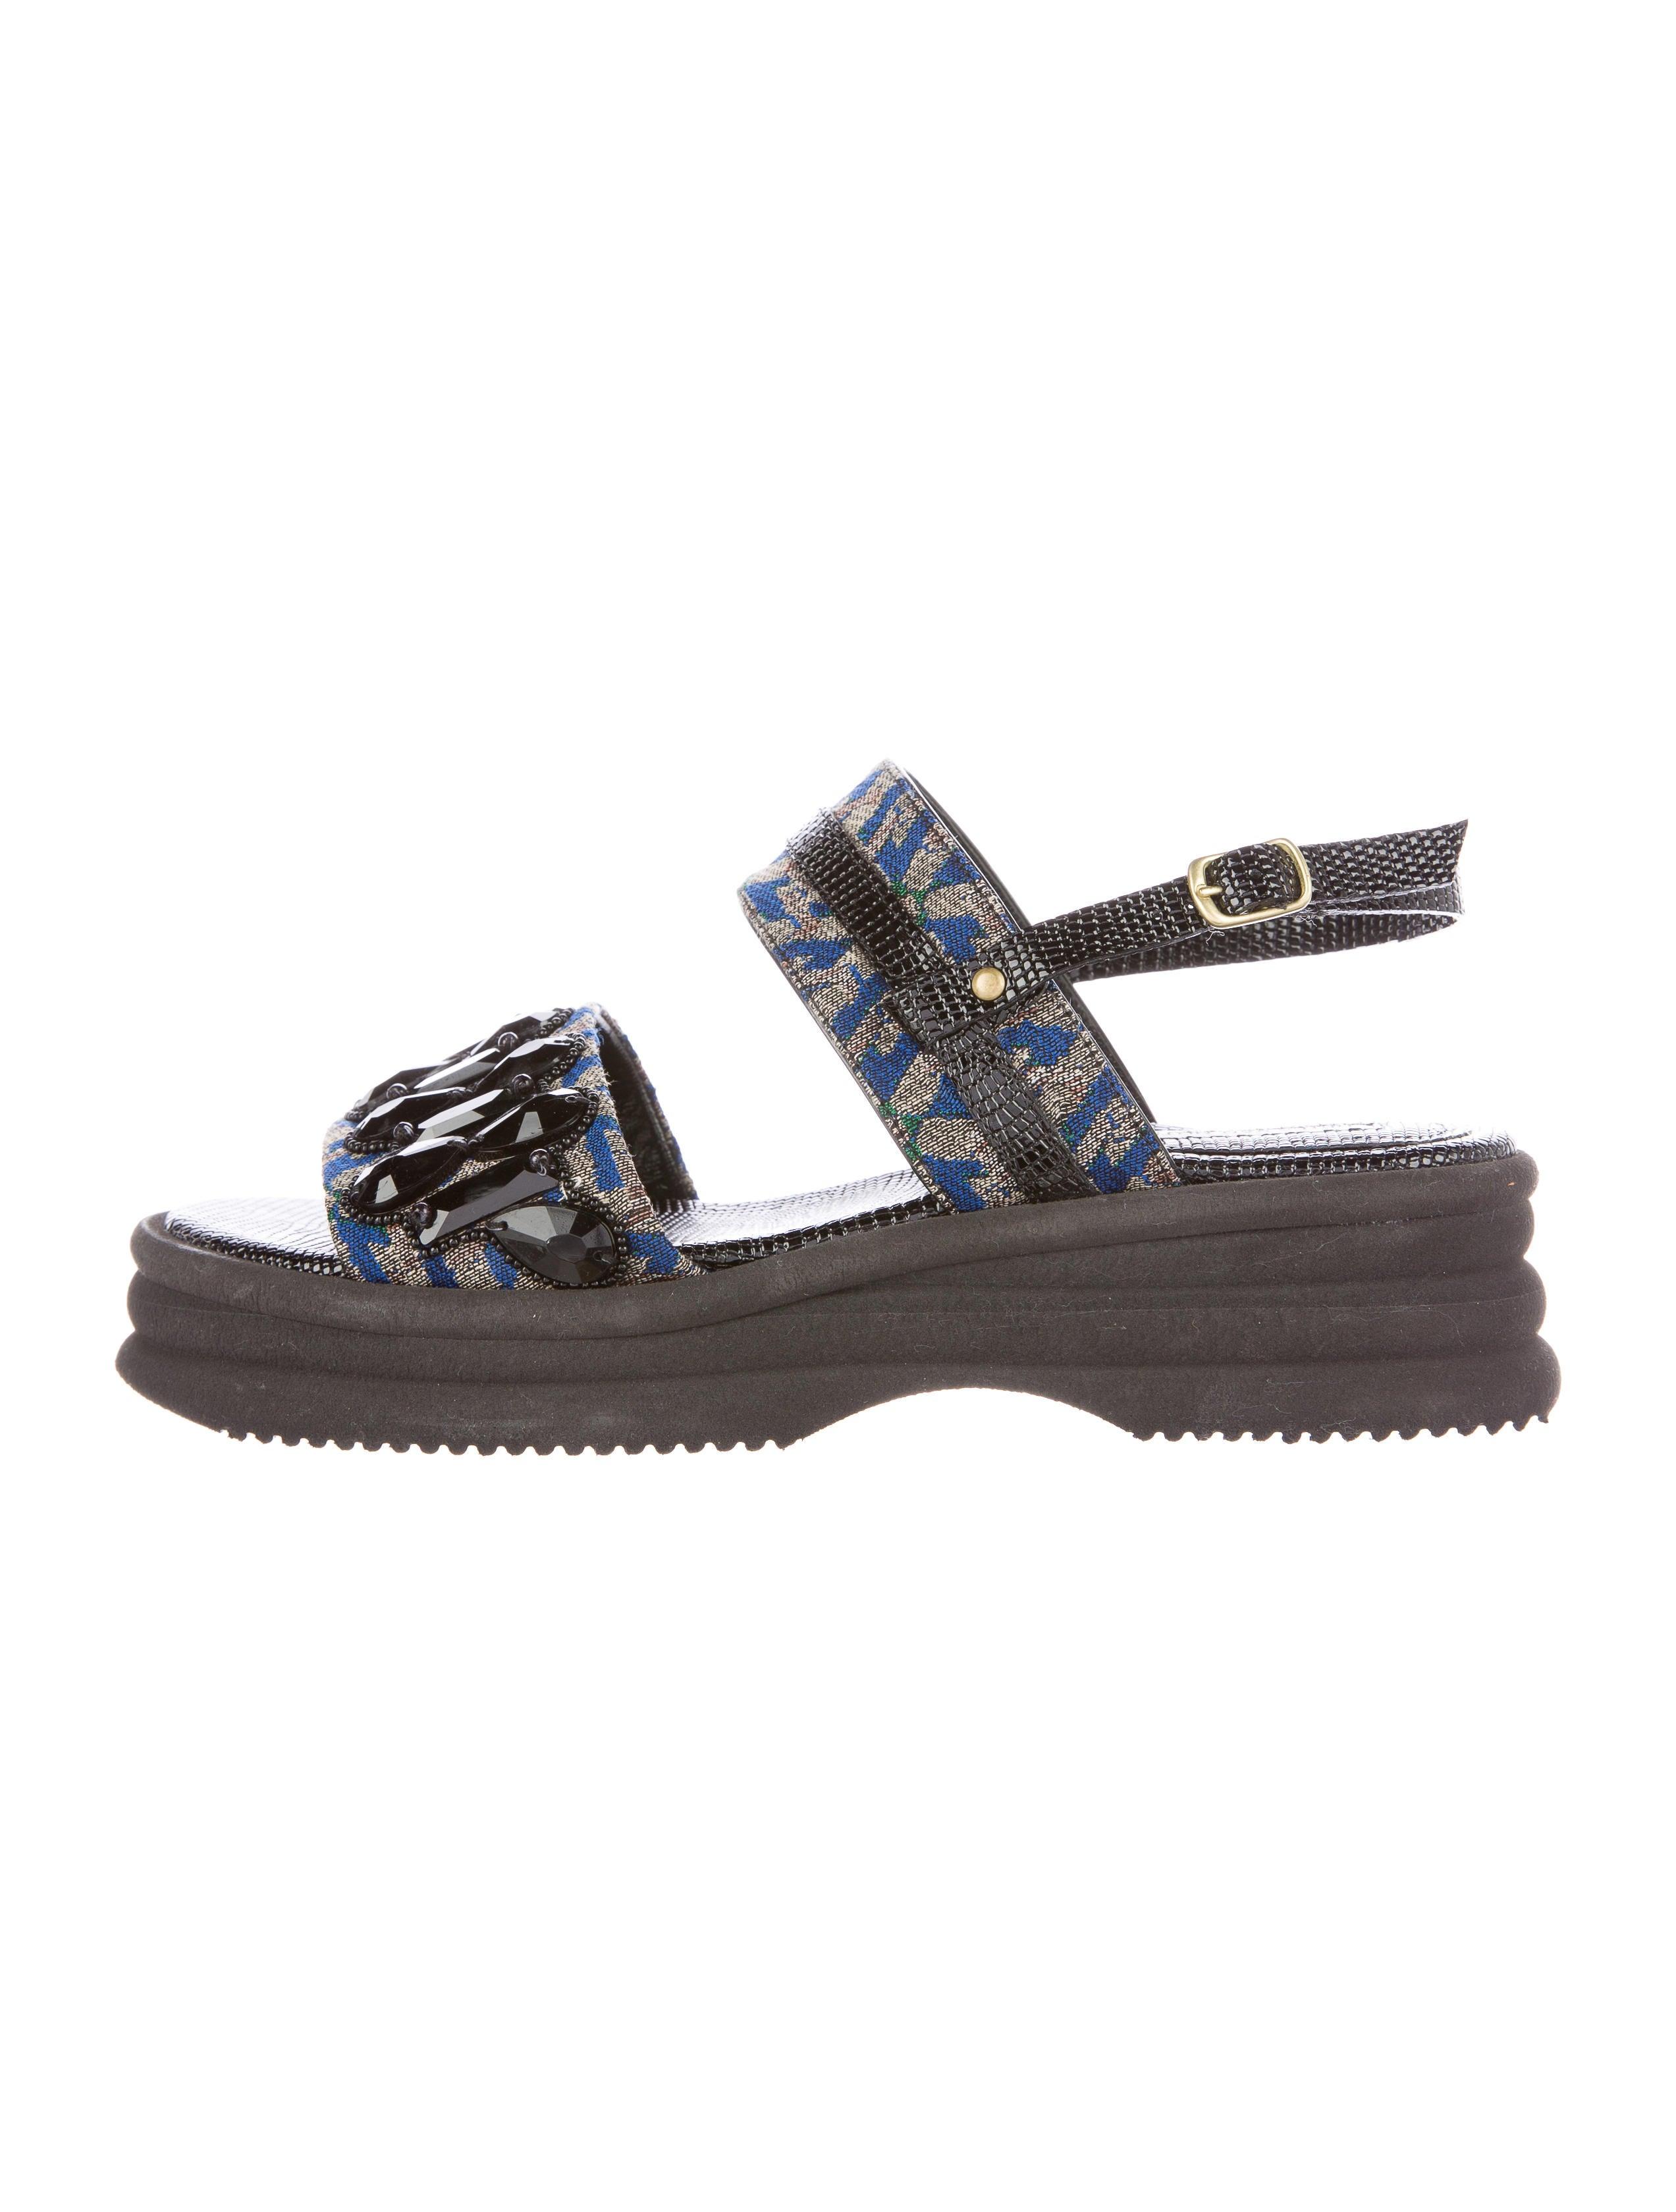 Dries Van Noten Brocade Wedge Sandals - Shoes - DRI33760  9b2bd1a3e